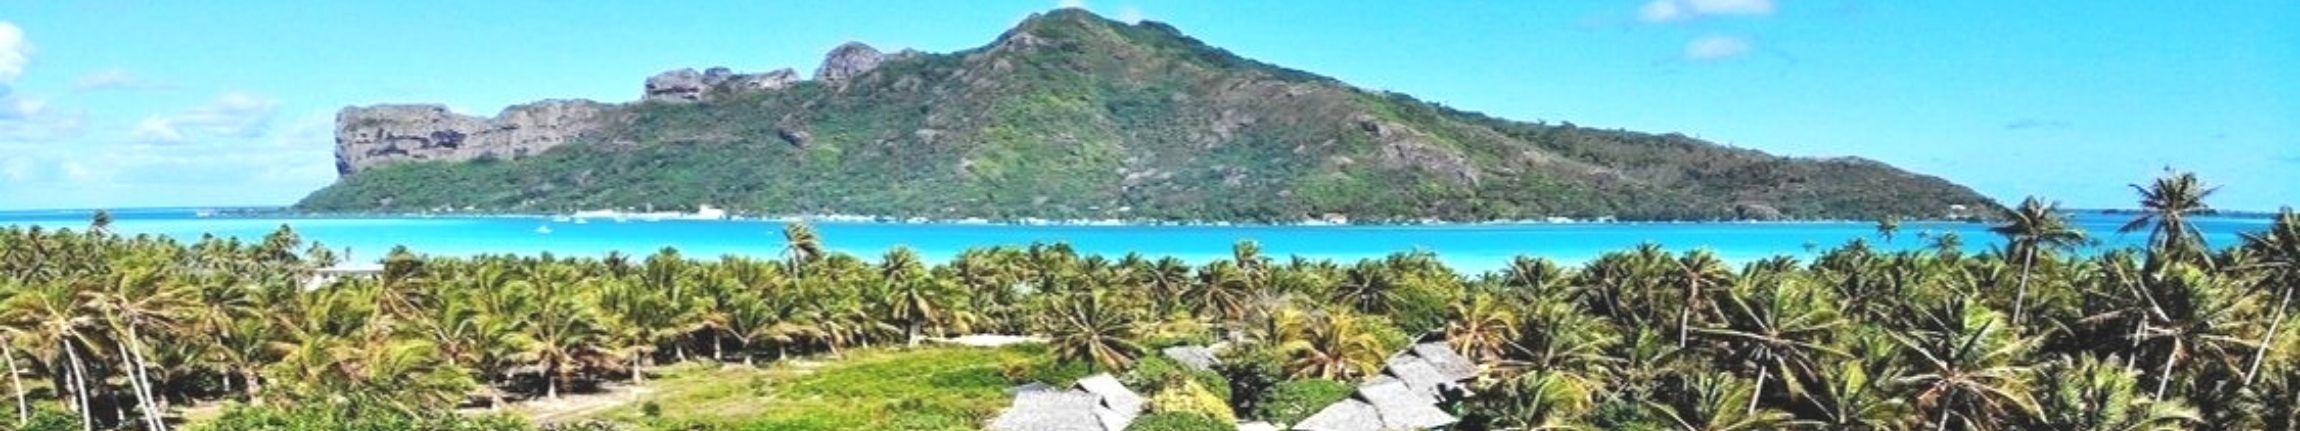 séjours-îles-maupiti-e-tahiti-travel